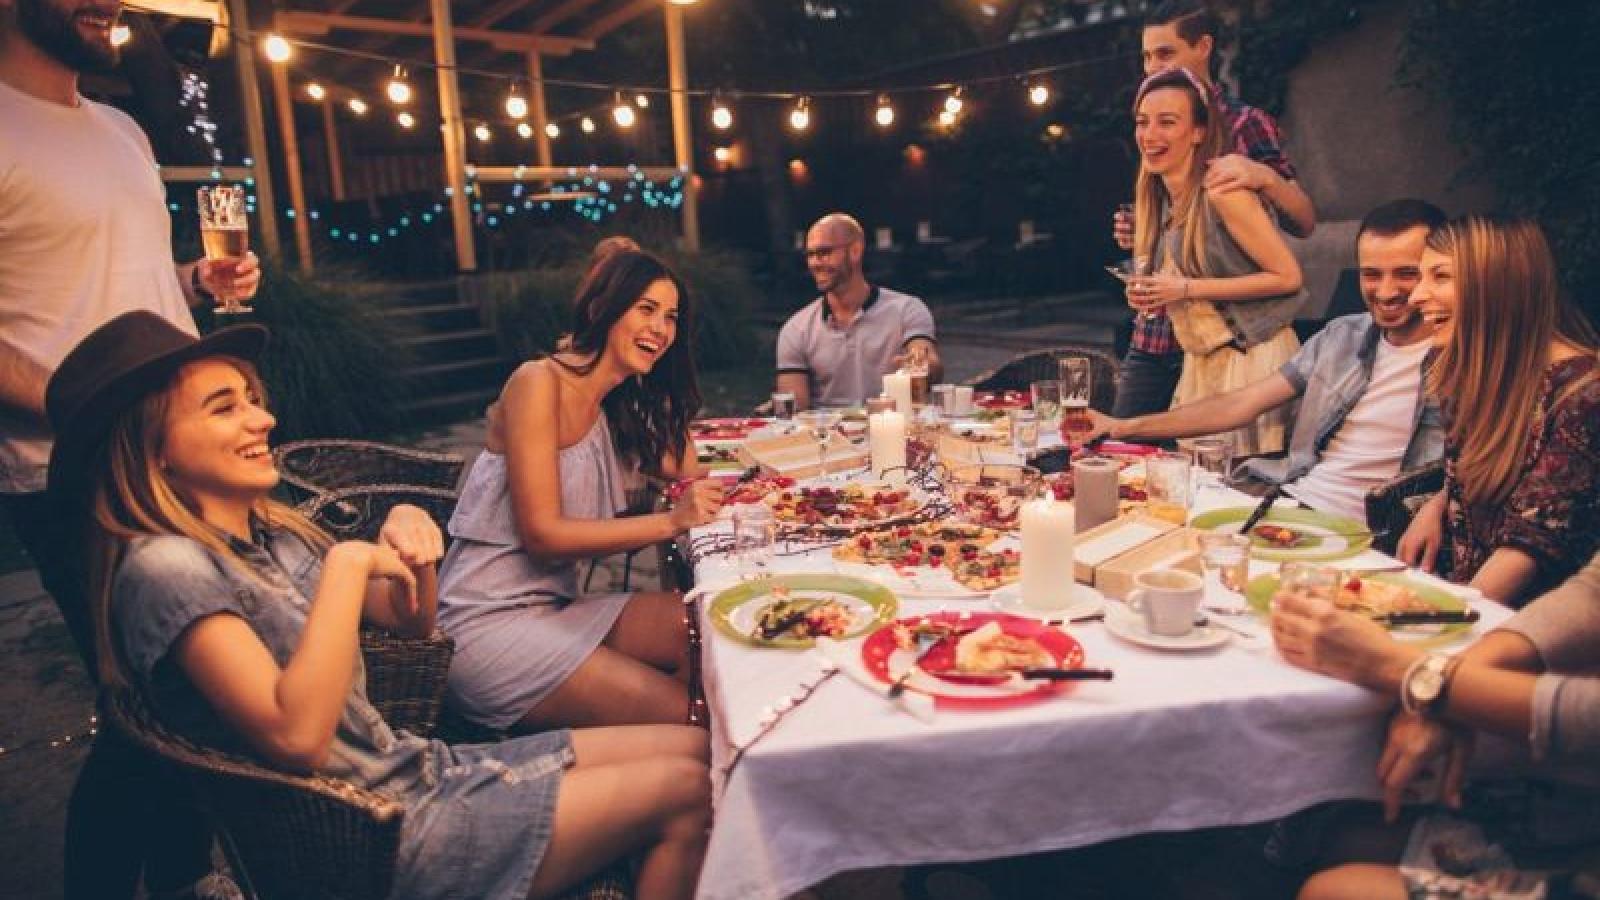 Những thói quen ăn uống có hại cho sức khỏe mà bạn cần thay đổi ngay